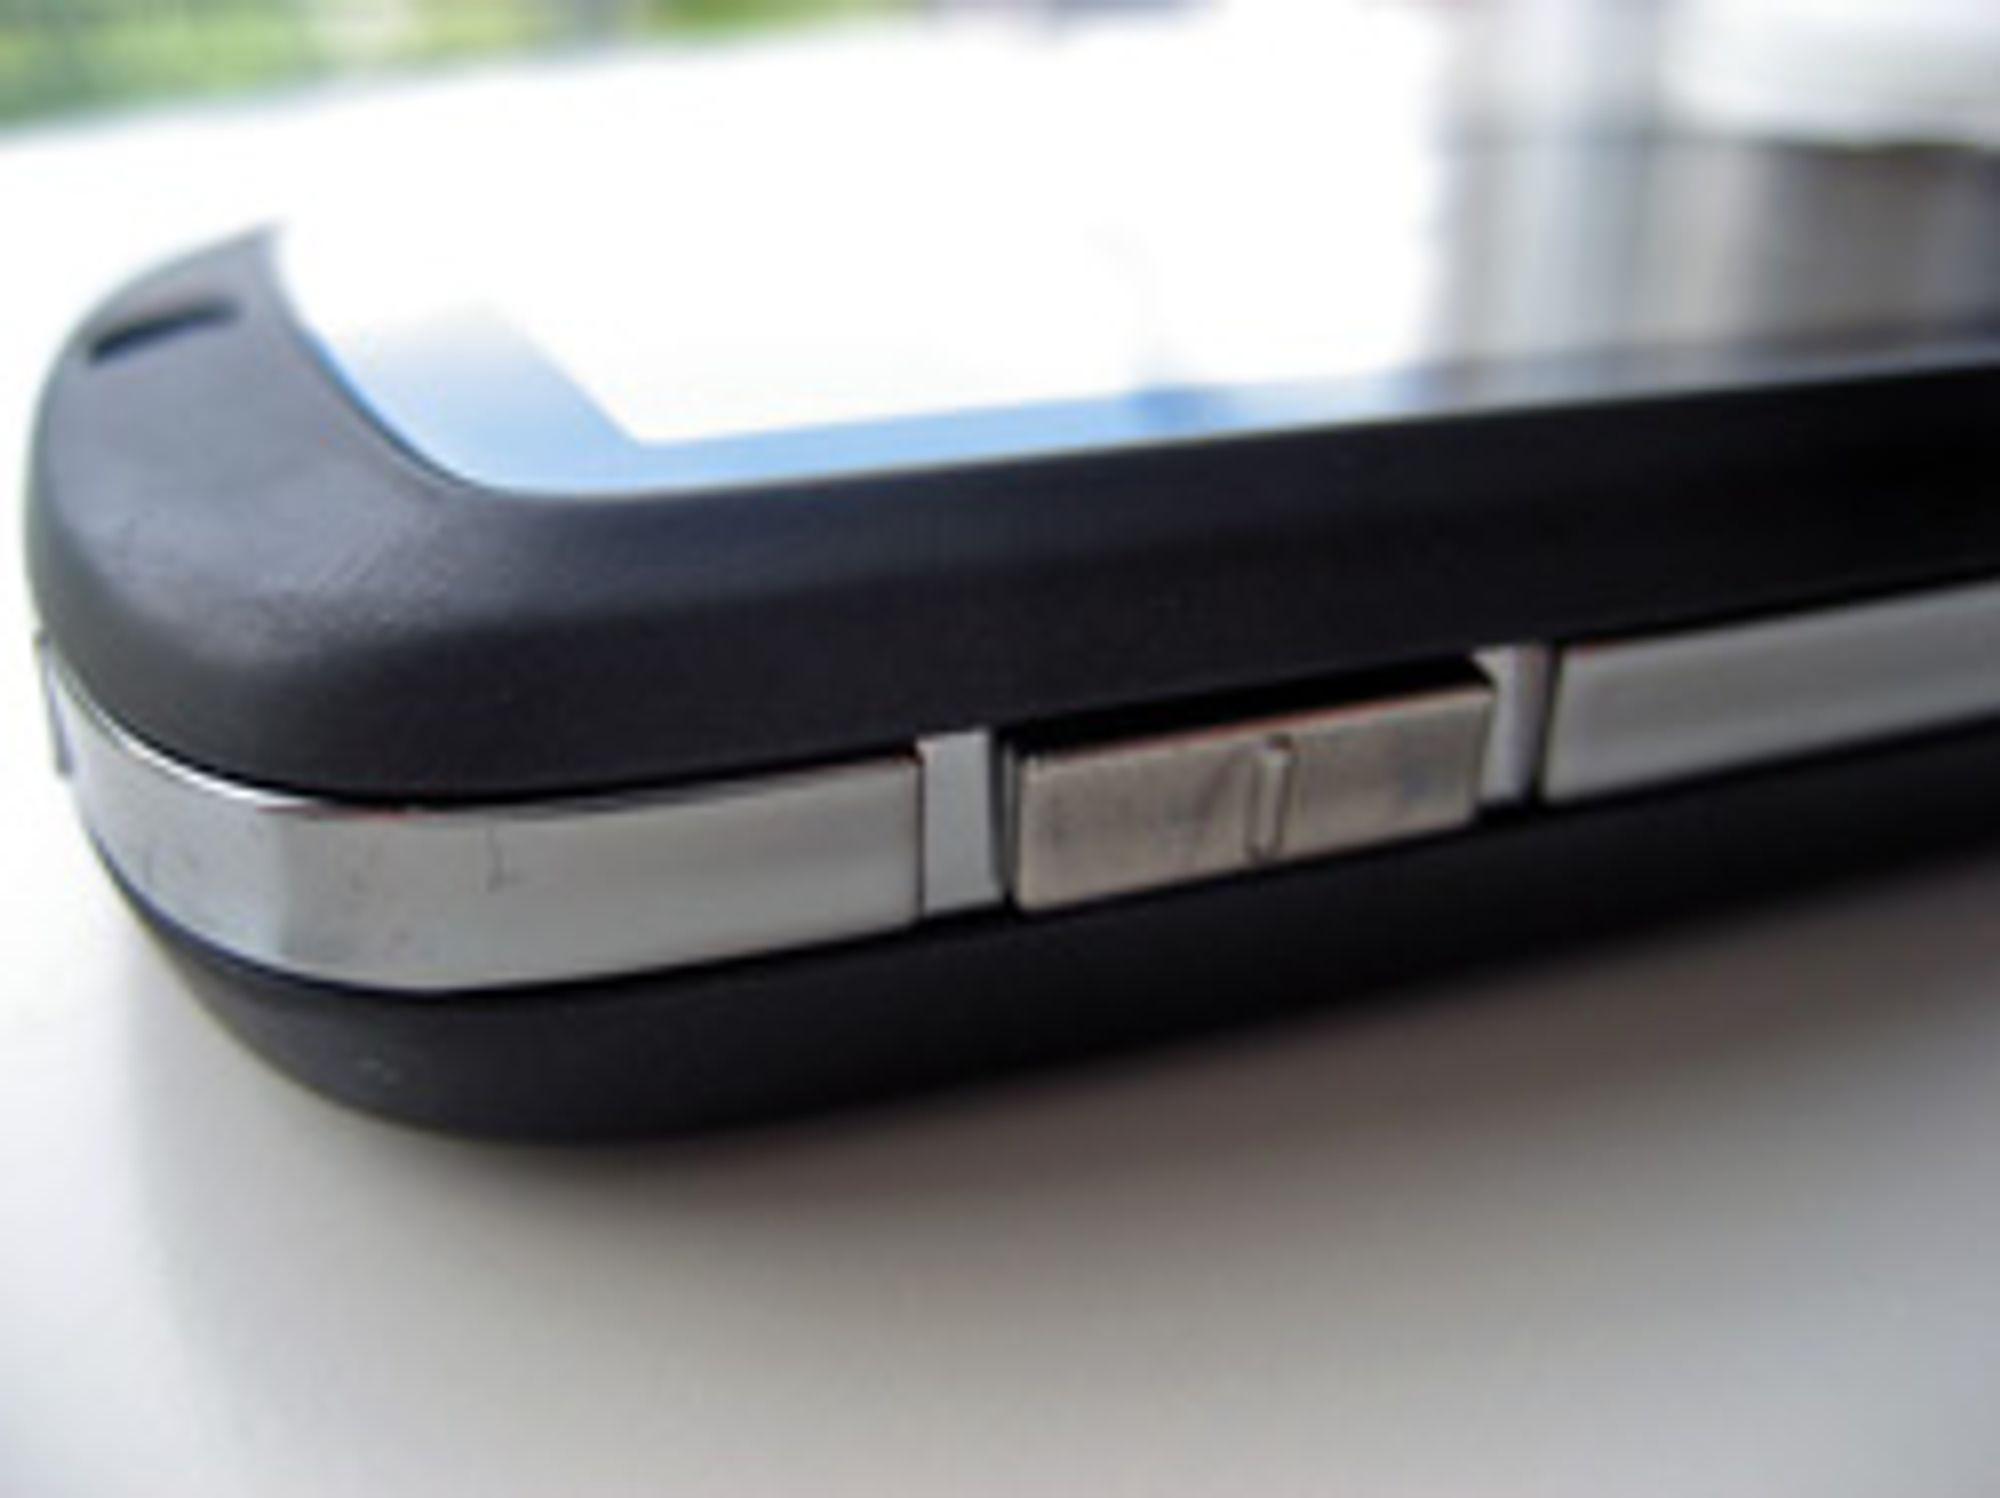 Volumknappen til HTC Touch.